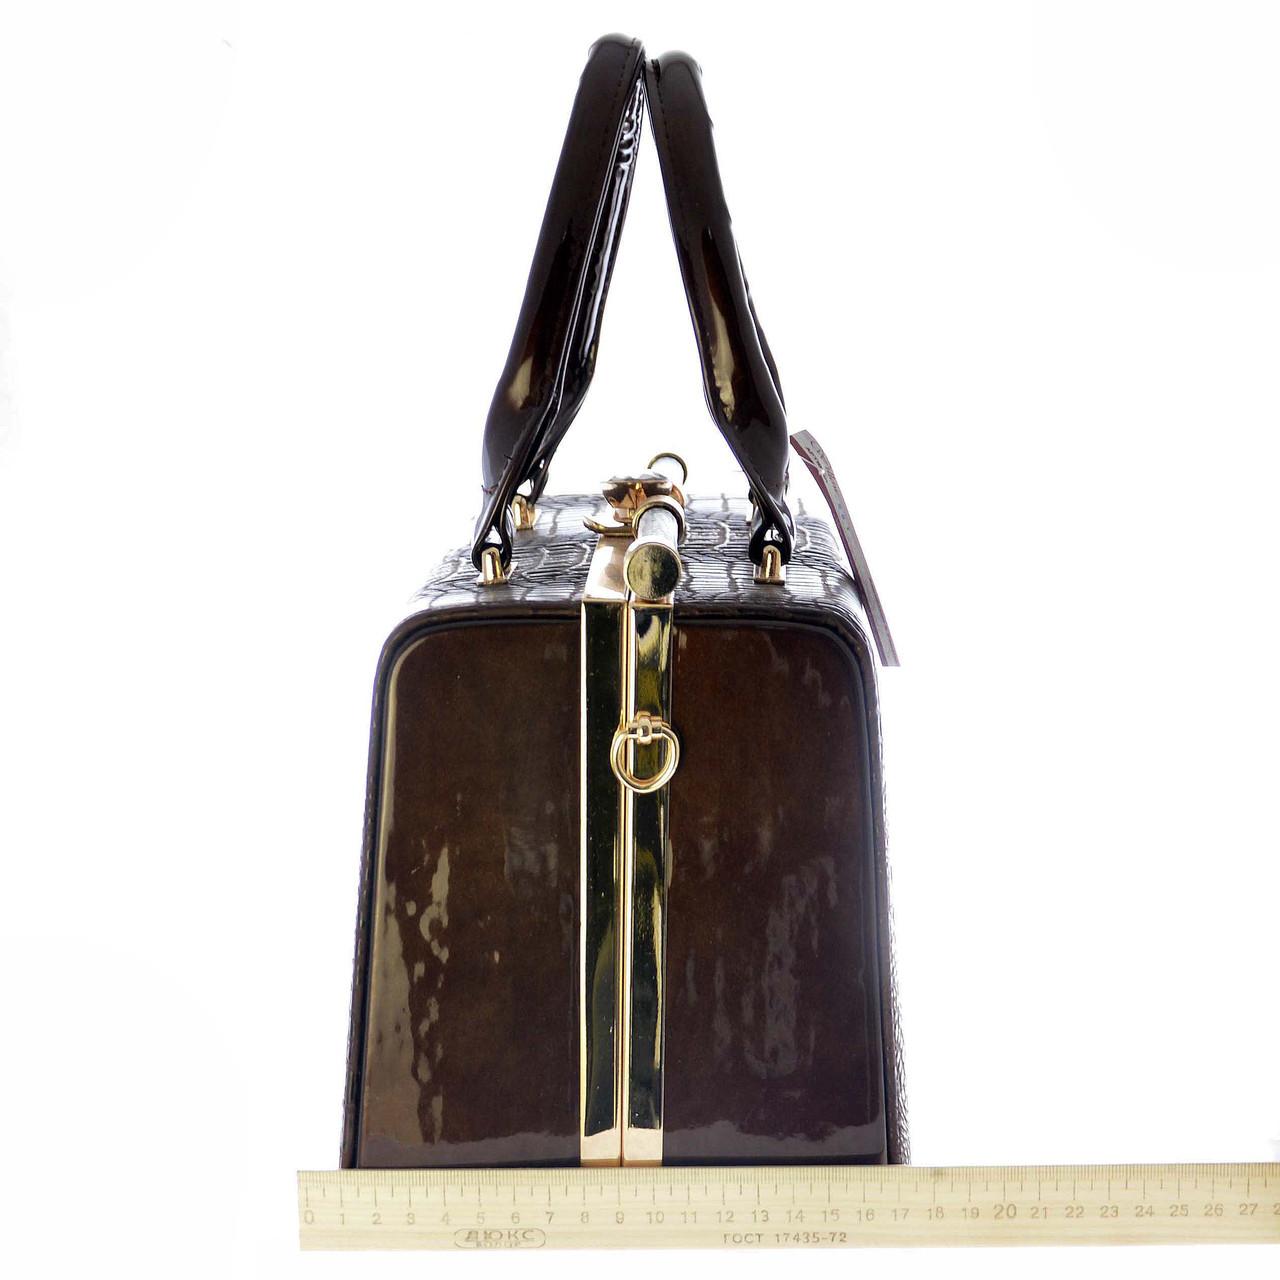 8ff3e7fee316 Женская сумка саквояж 025-14, цена 615 грн., купить в Харькове — Prom.ua  (ID#538769932)